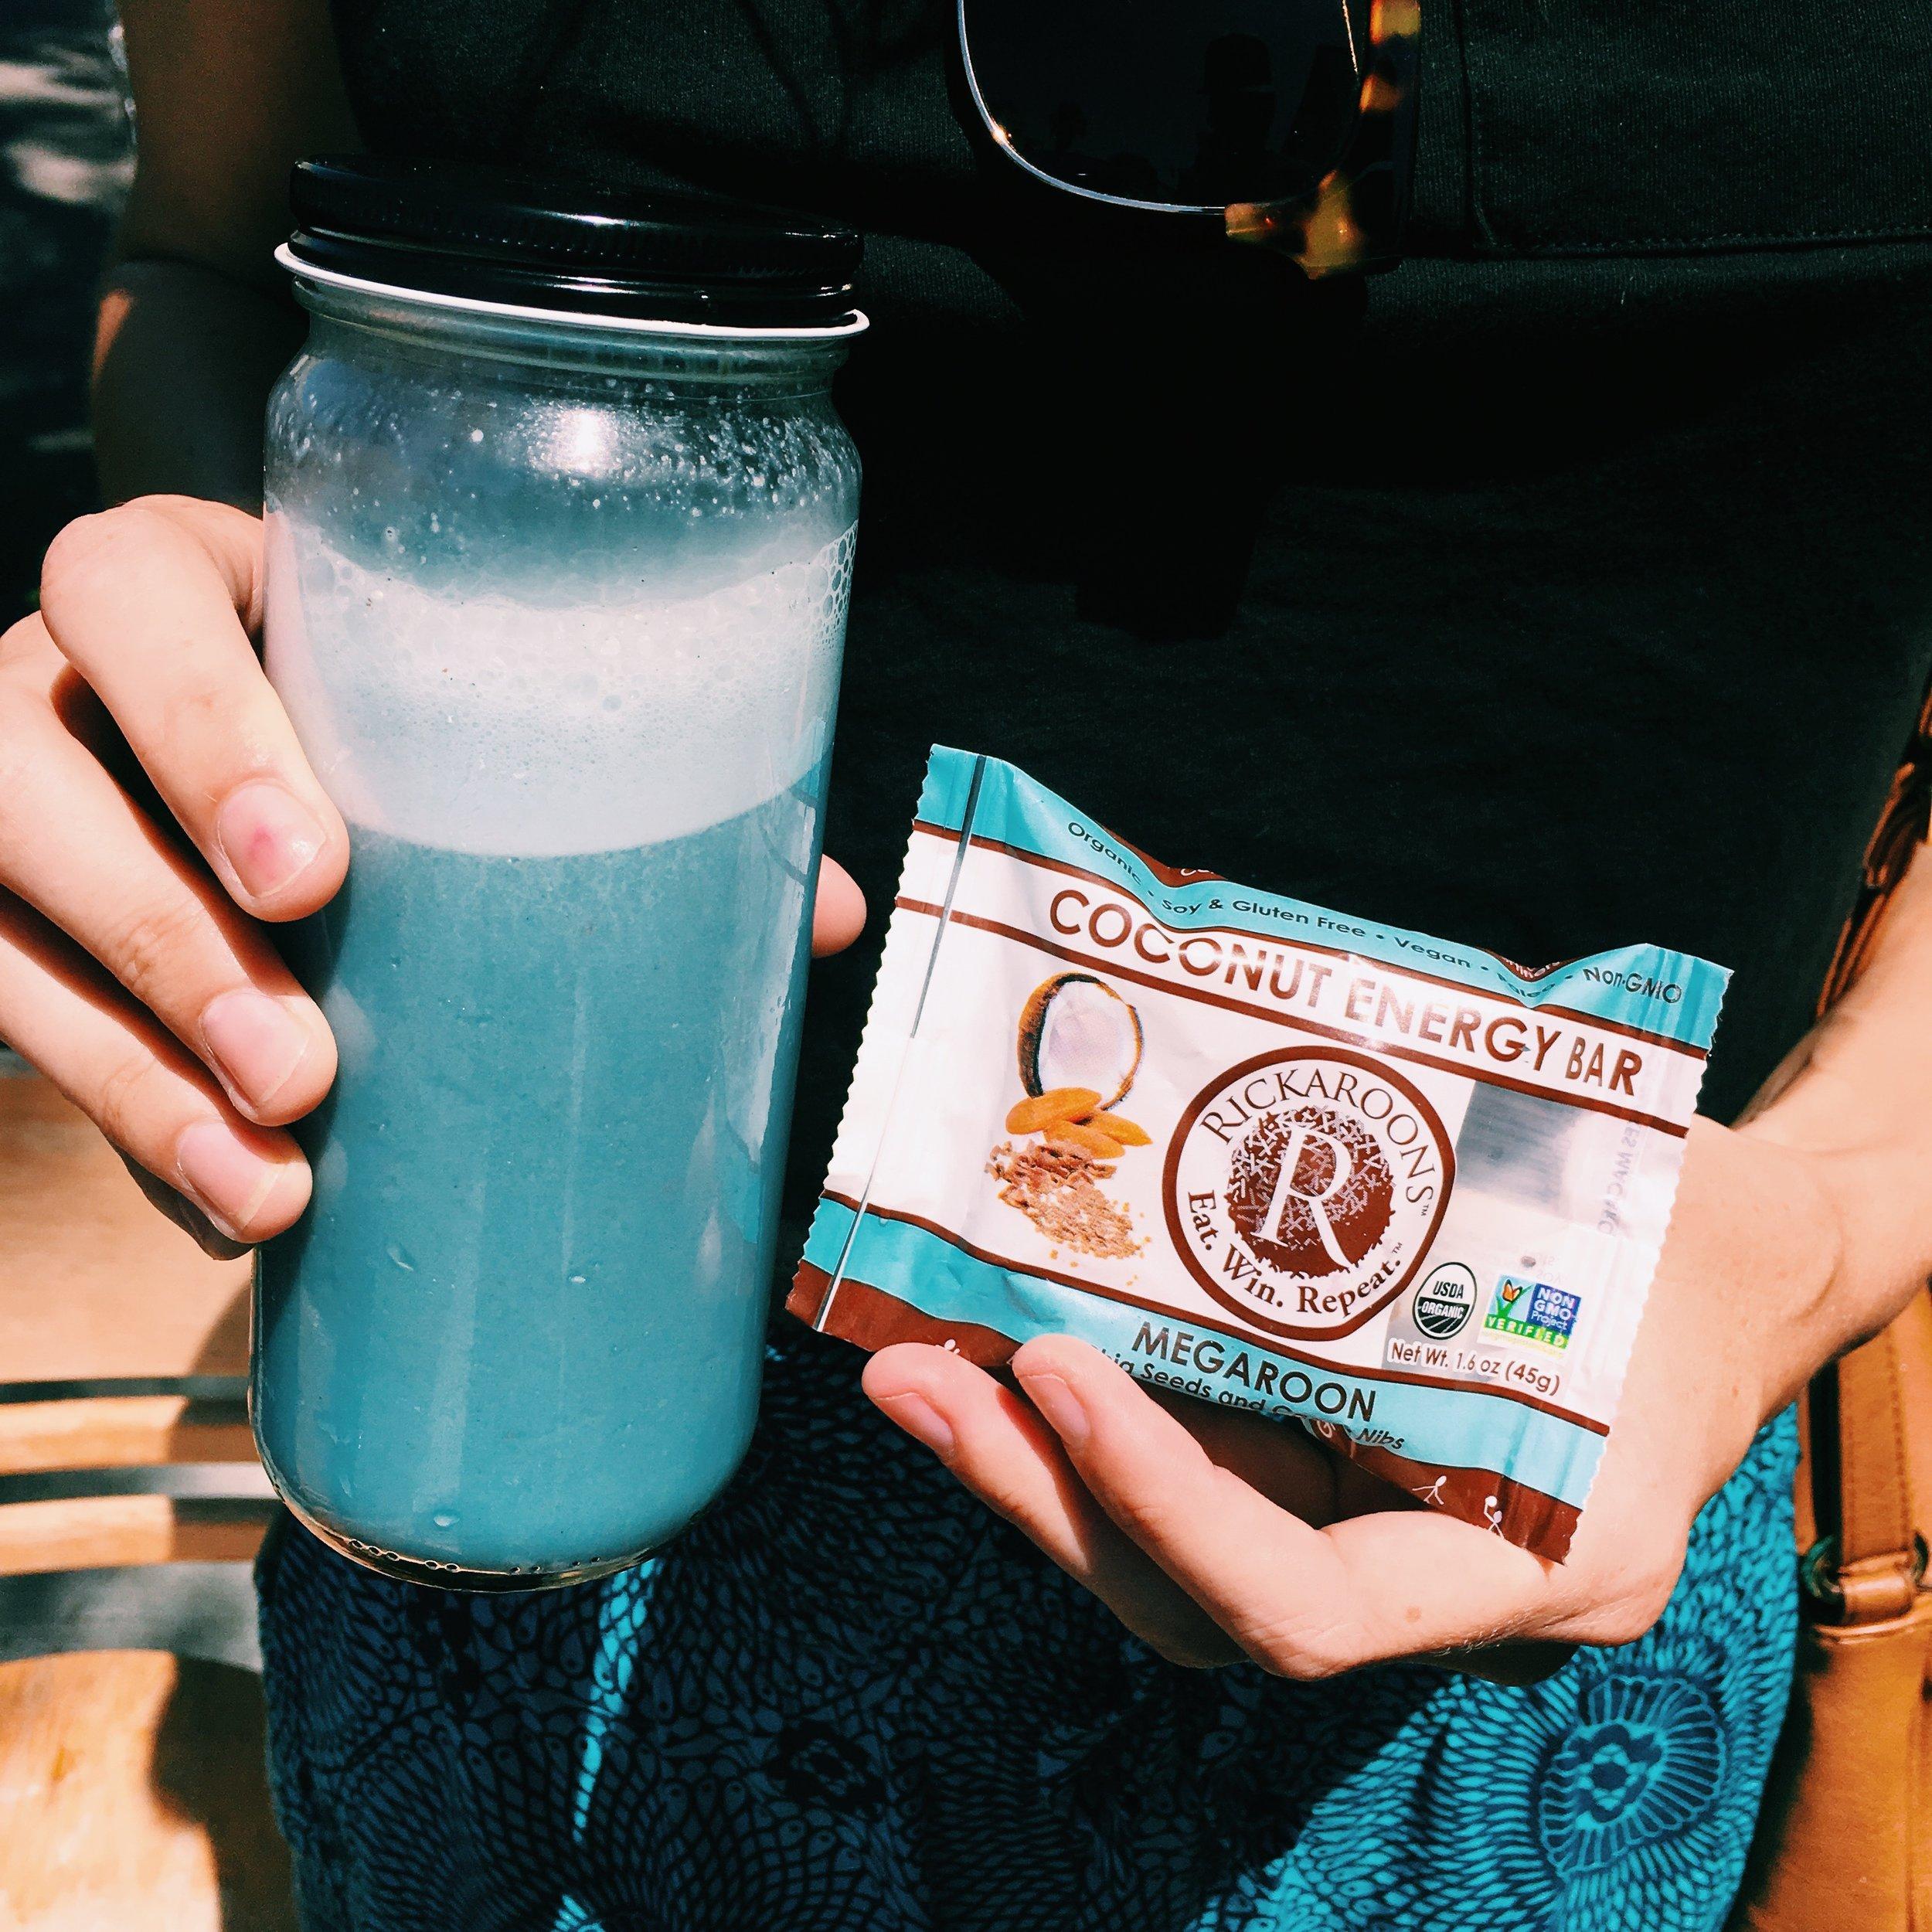 coconut energy bar